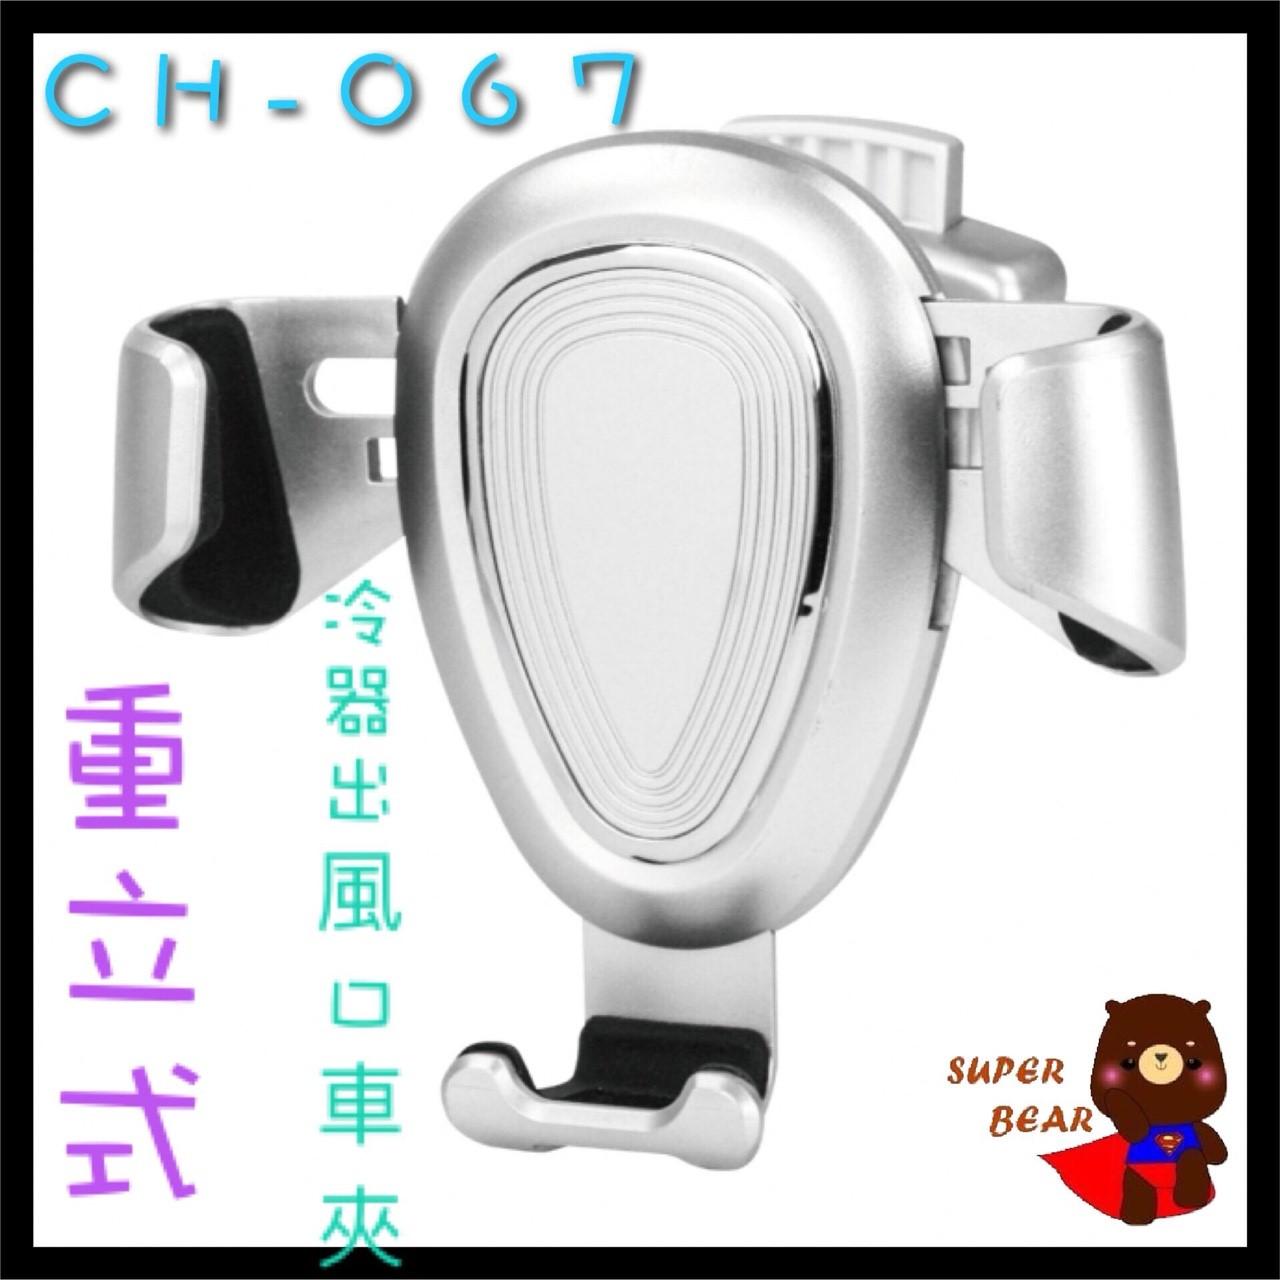 車架 耐嘉 KINYO CH-067 重力式冷氣出風口車夾 手機車夾 車夾 車用支架 萬用式車夾 汽車百貨 汽車用品